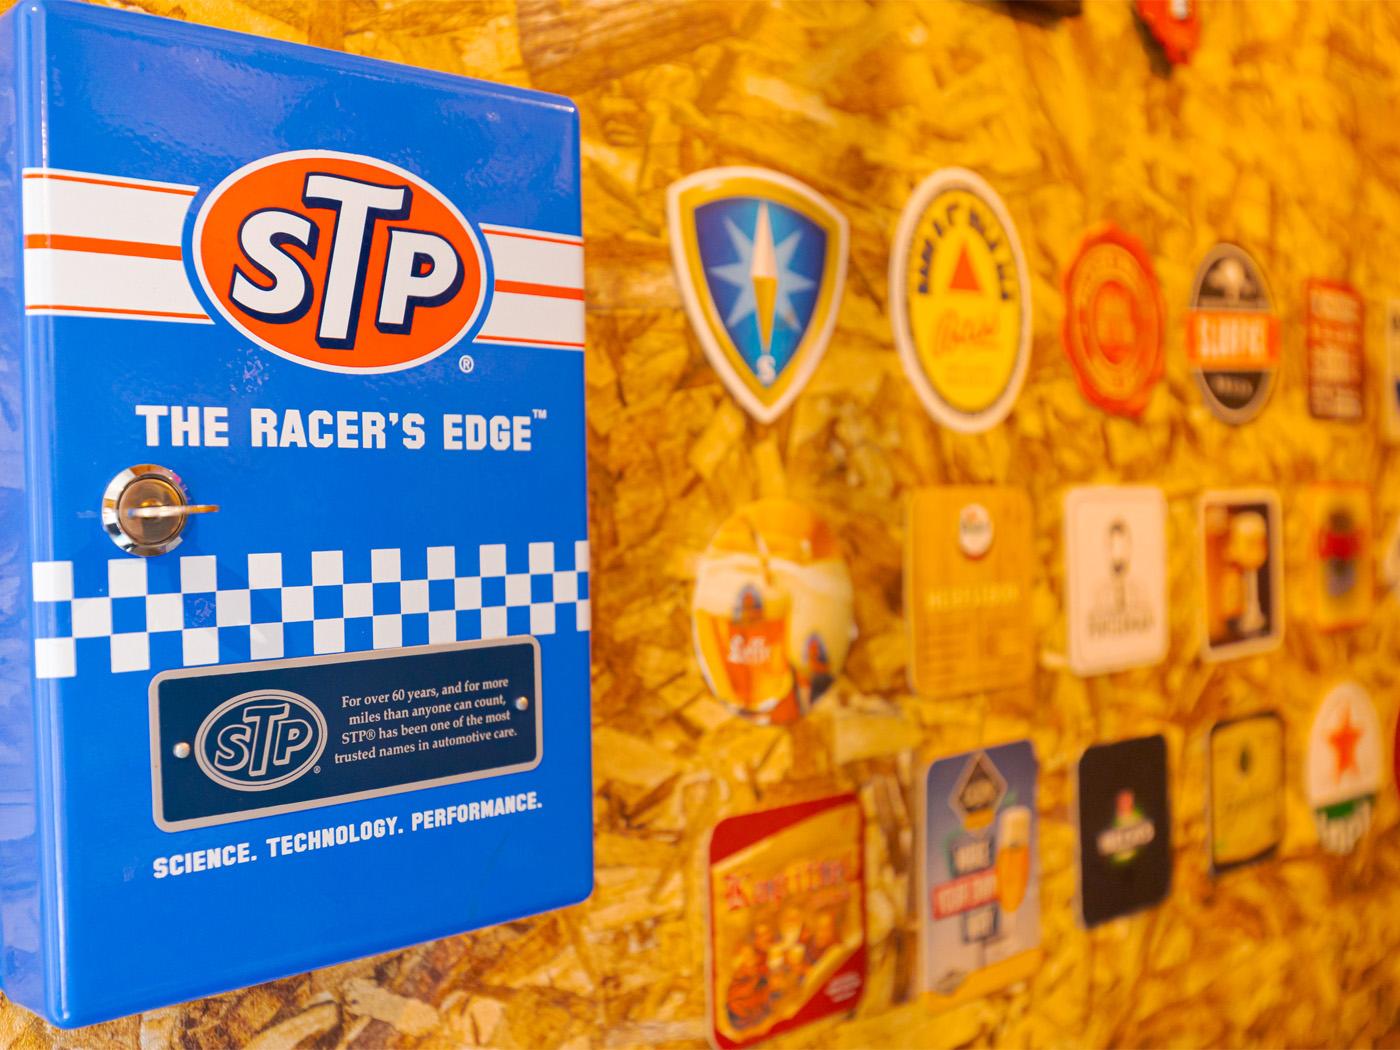 シューズクロークの壁はOSB合板。ガレージテイストな壁にアメリカンな雑貨がマッチ。